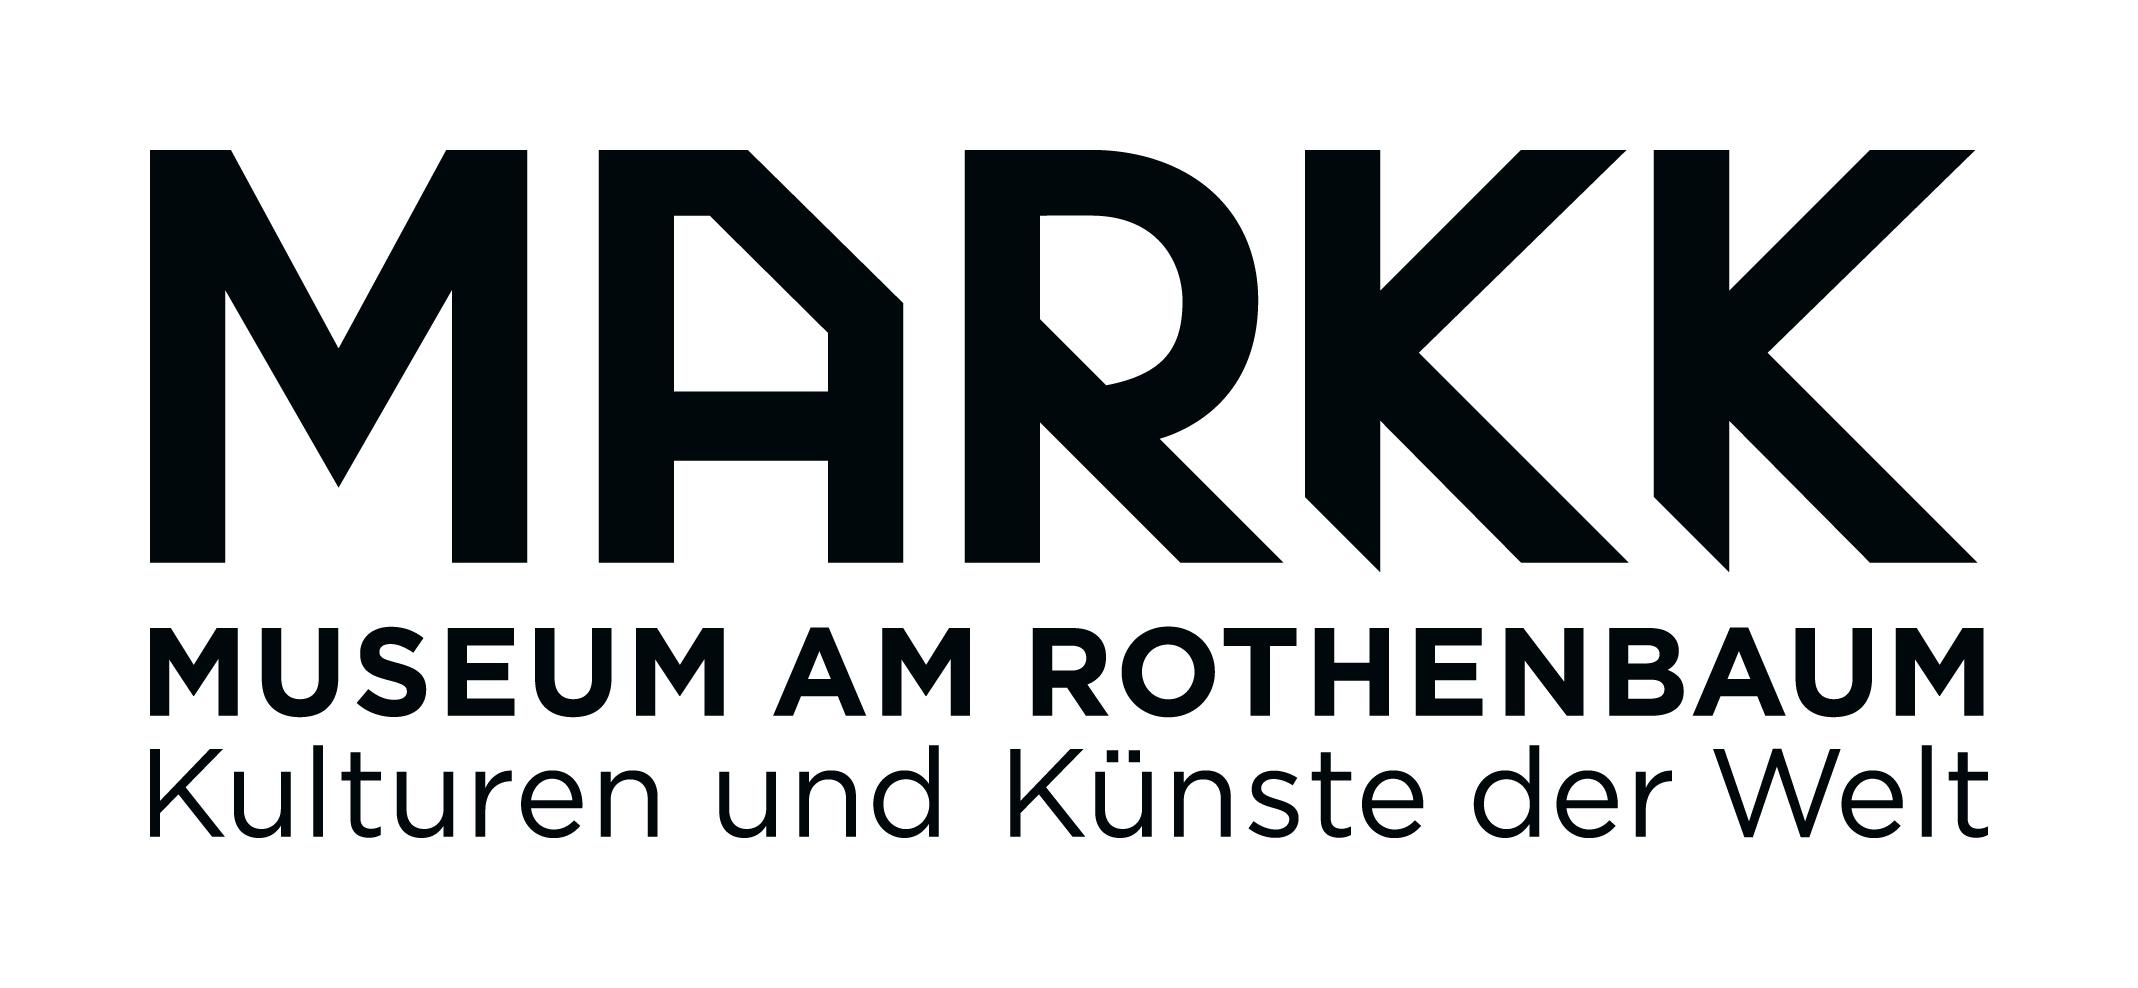 Markk_Logo_Schwarz.jpg (258 KB)